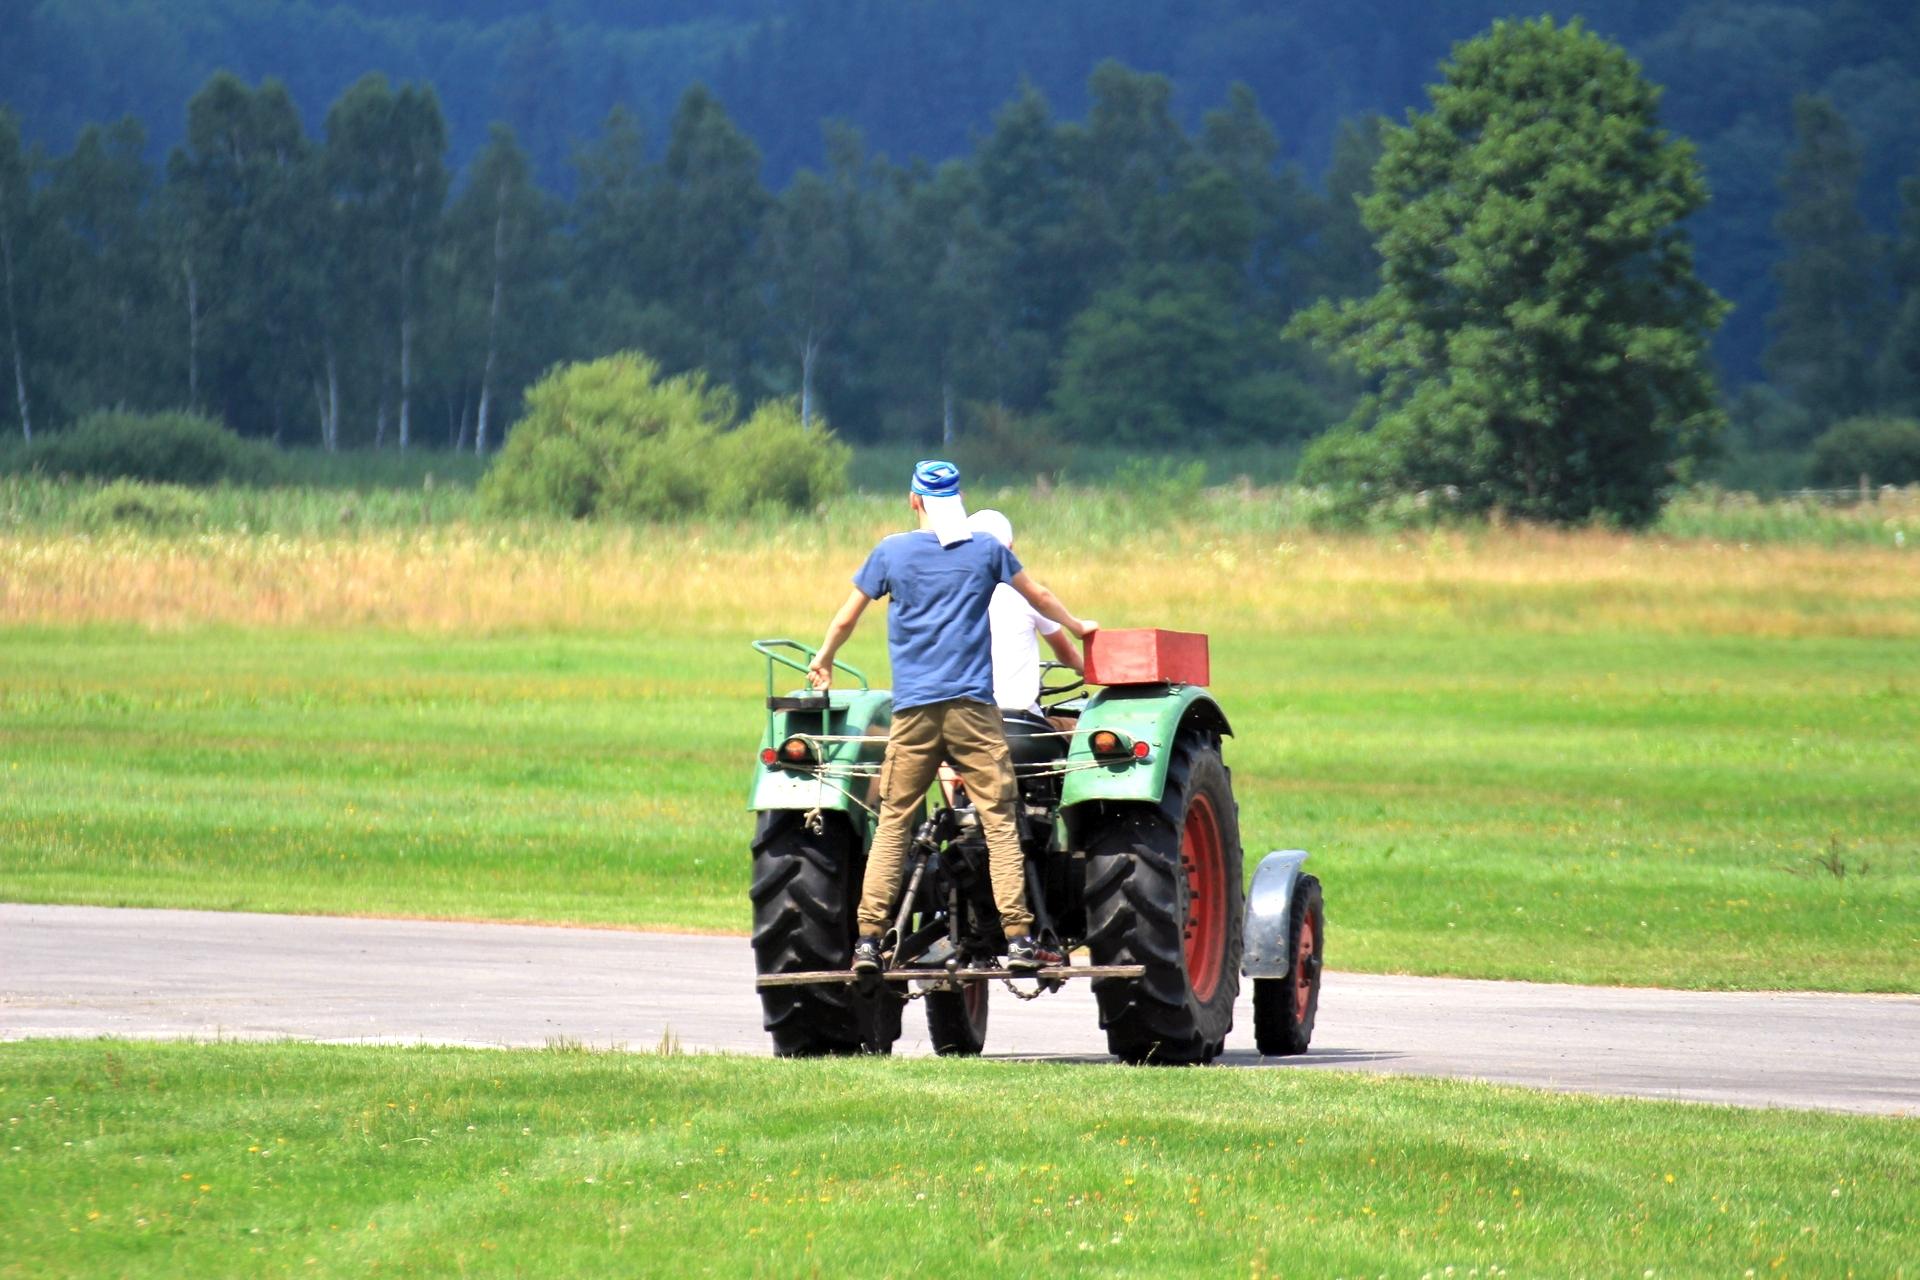 Traktorfahren - fast so schön wie fliegen